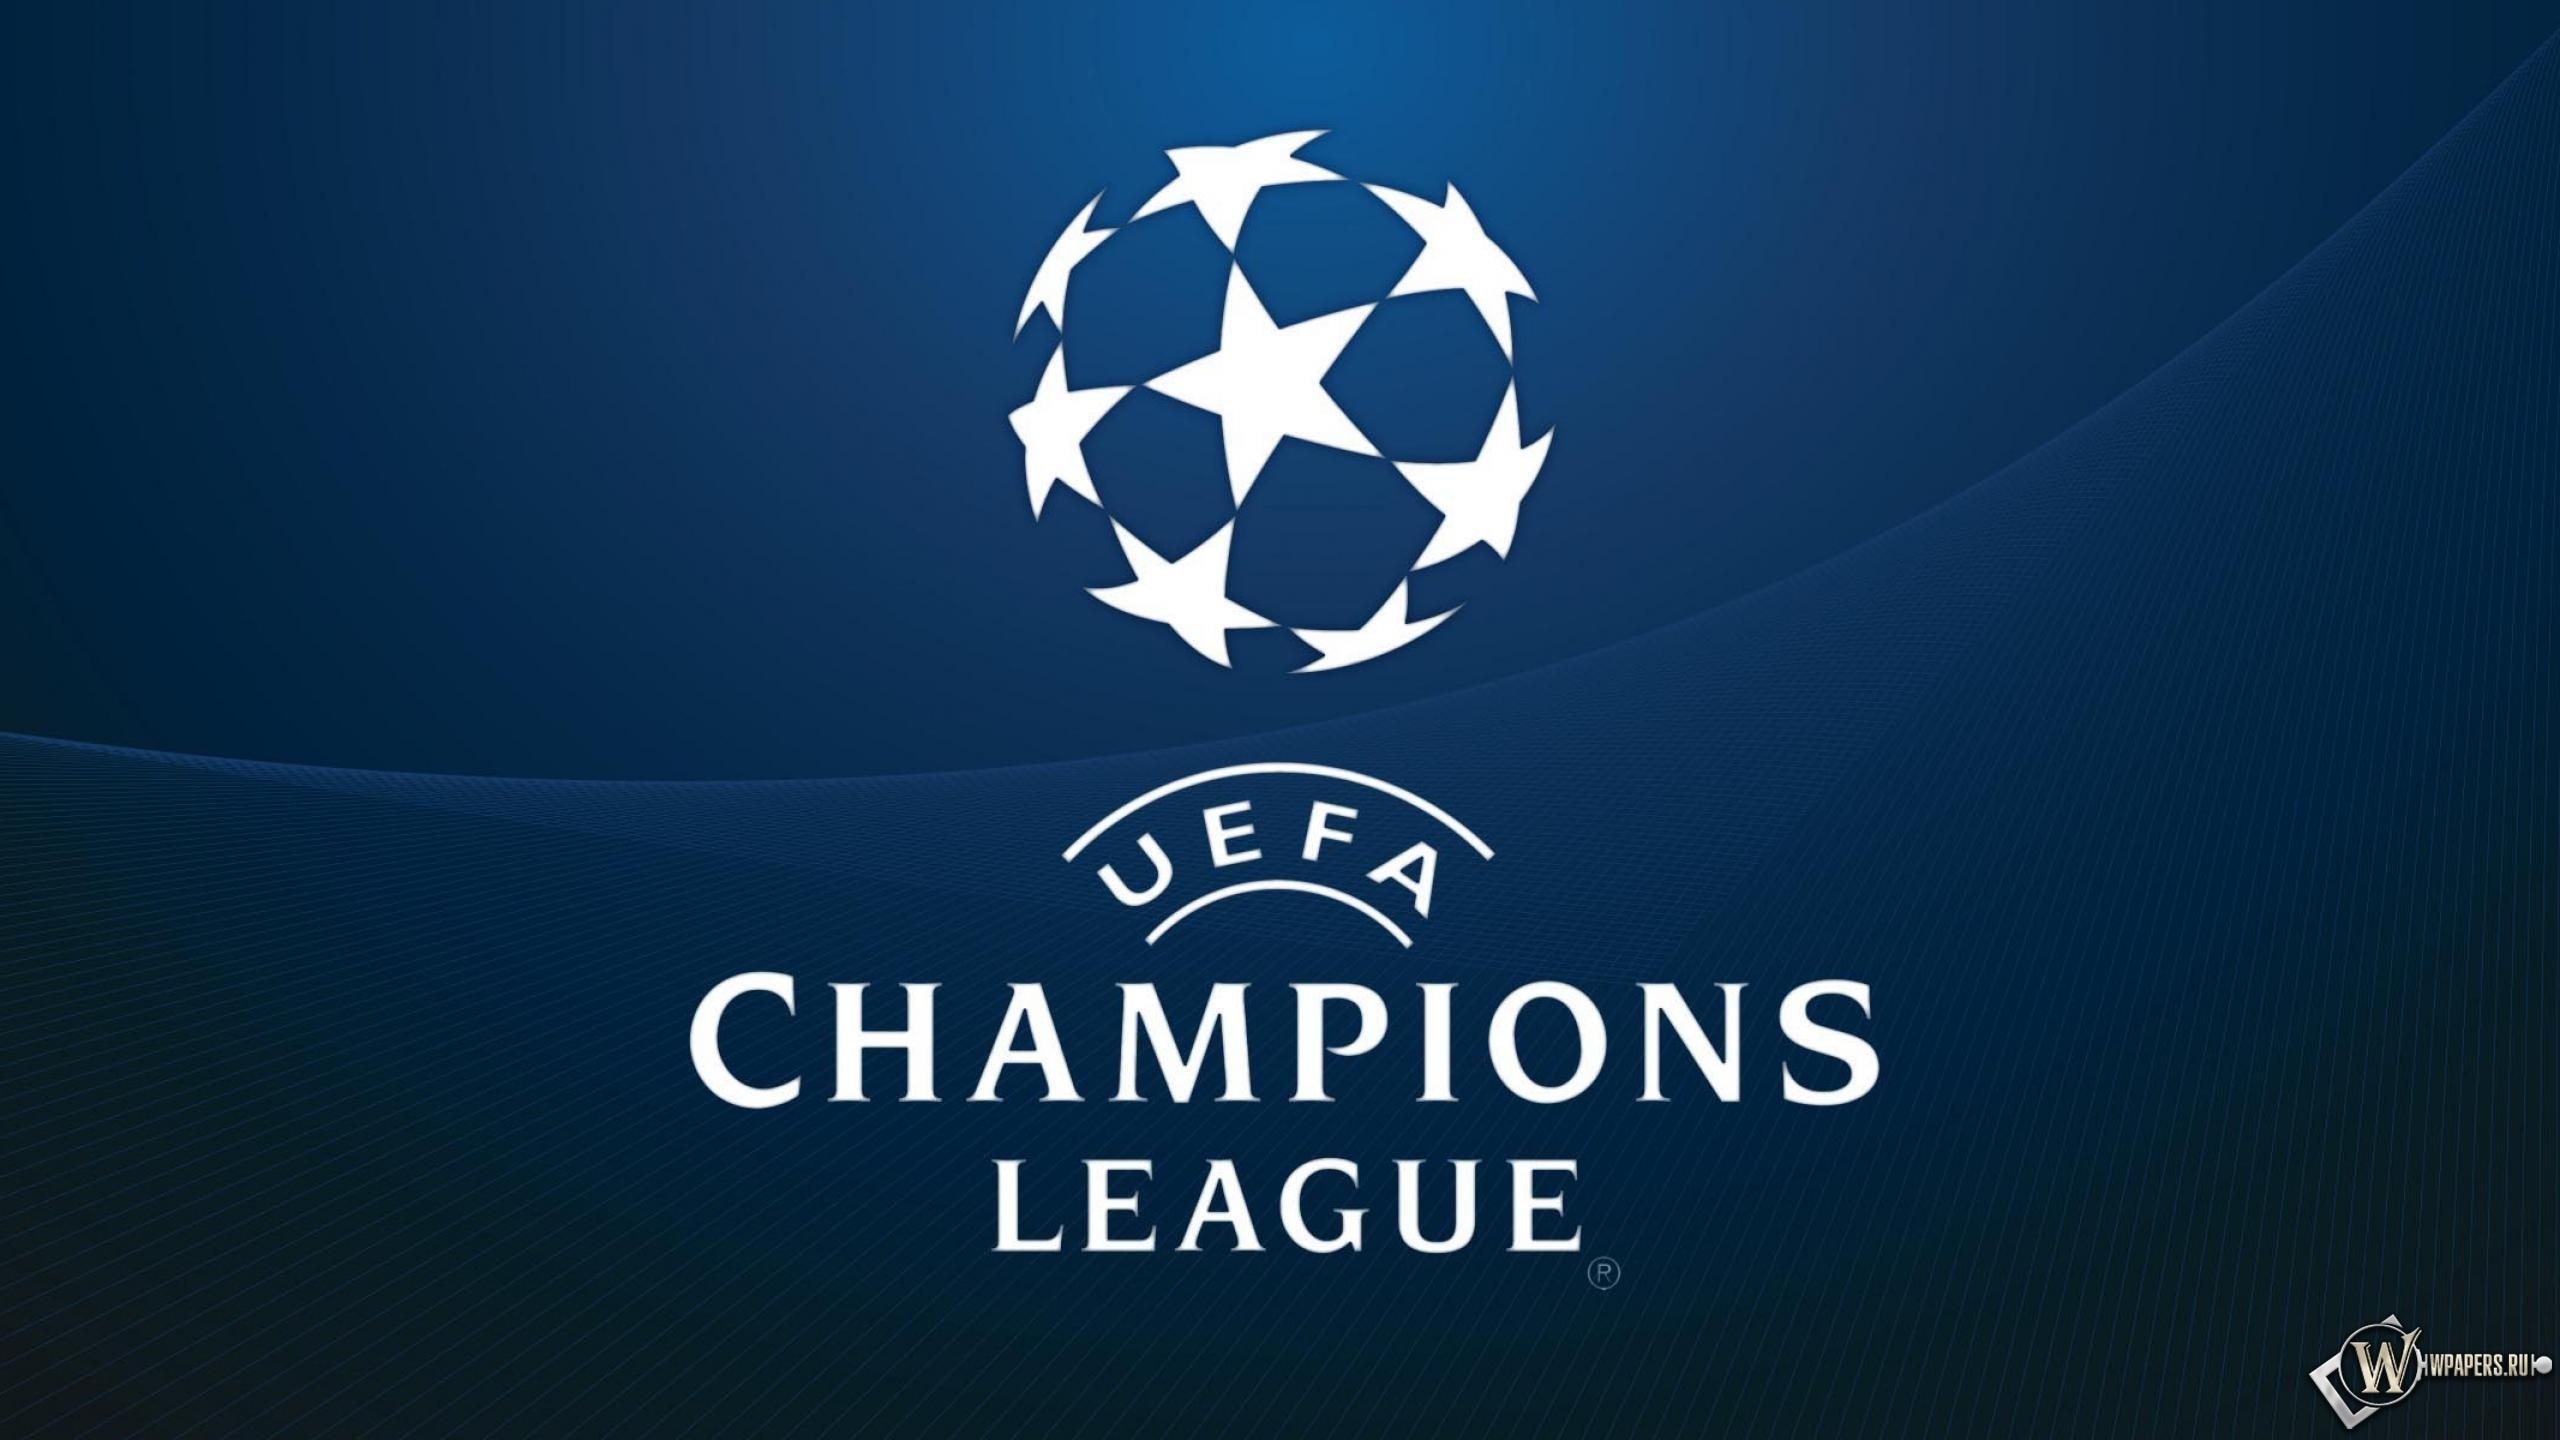 Обои Лига чемпионов УЕФА на рабочий ...